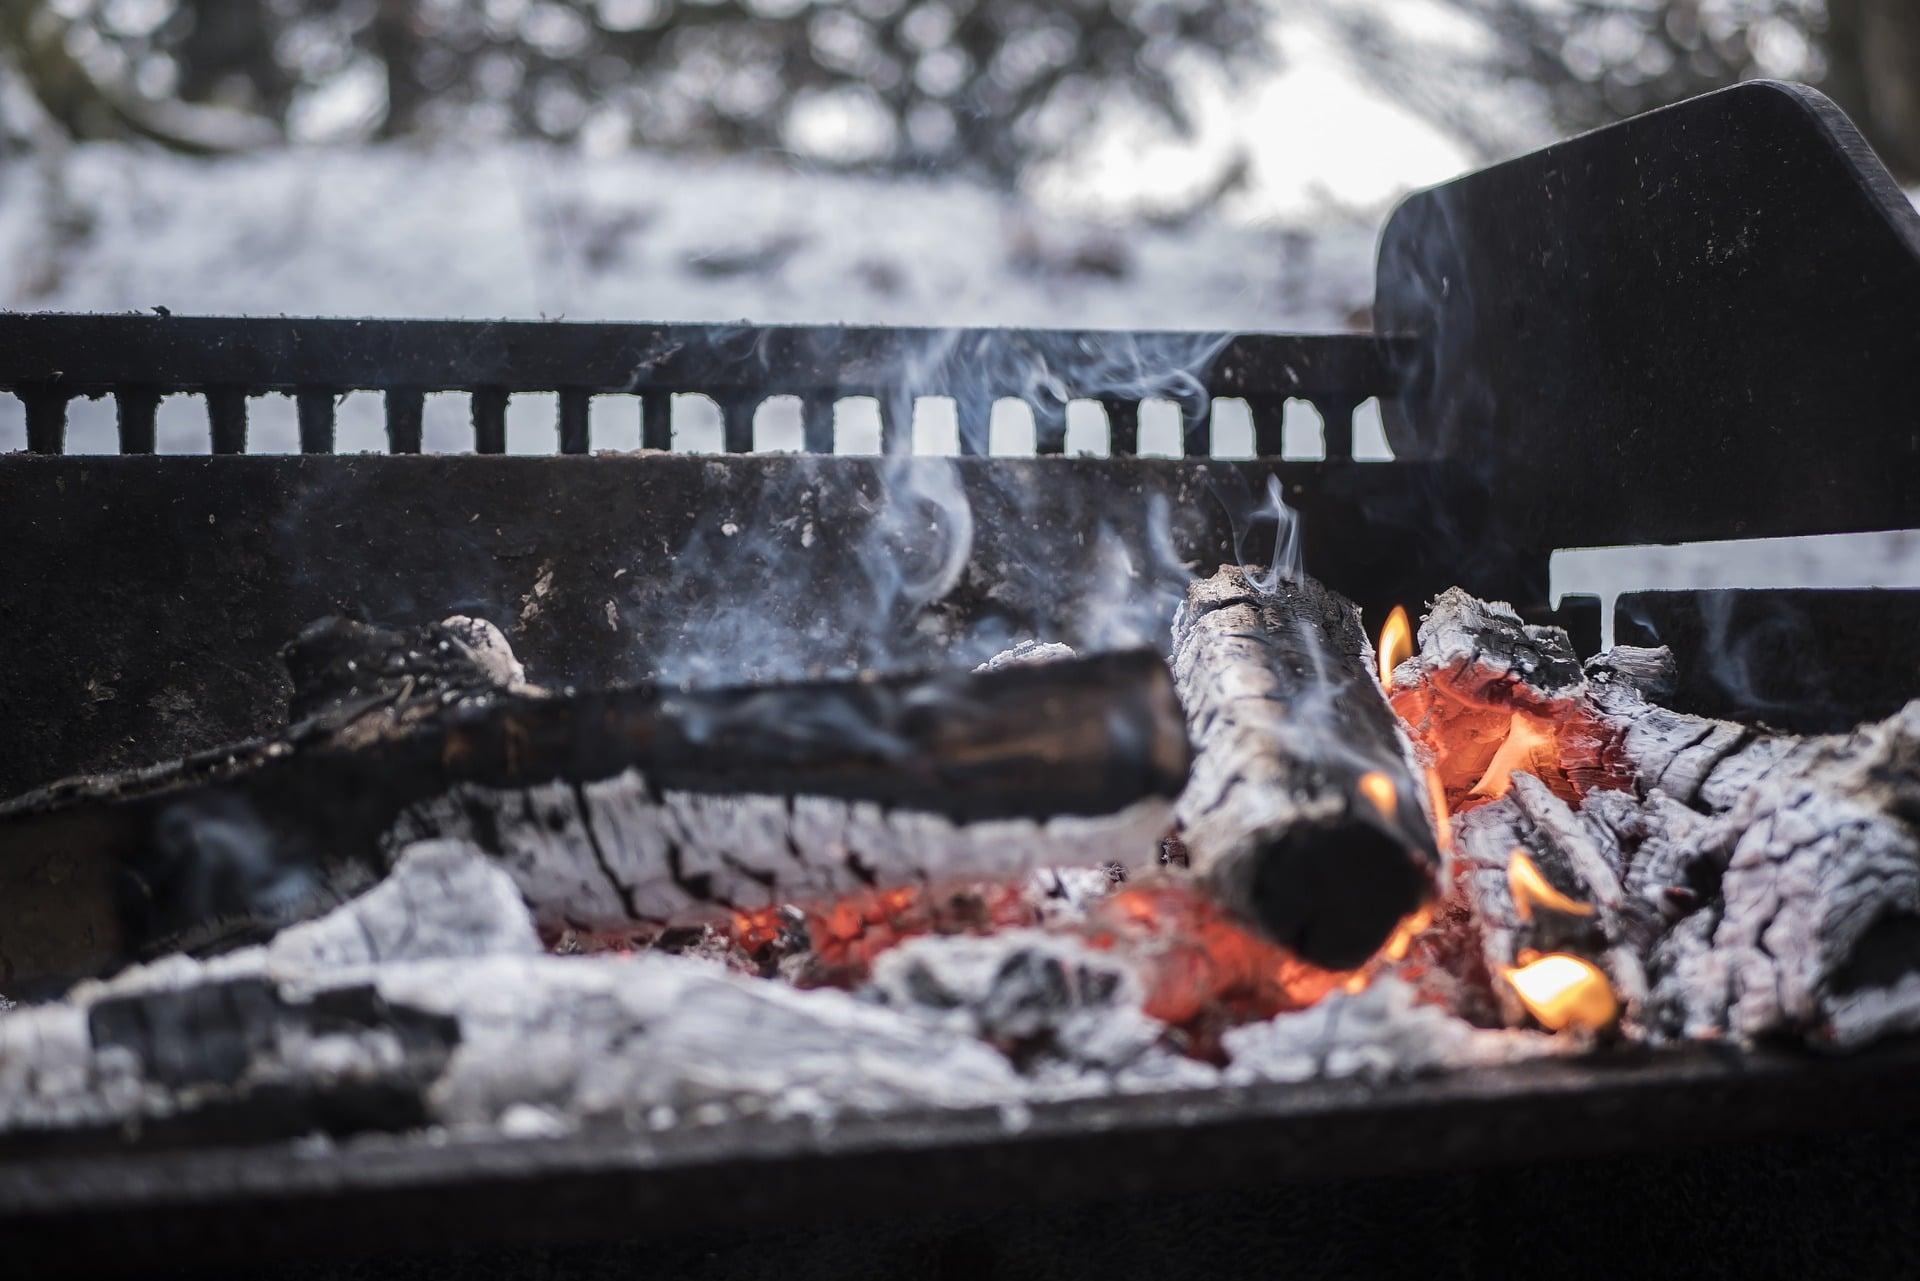 11 Tipps zum Räuchern mit einem Smoker bei niedrigeren Temperaturen